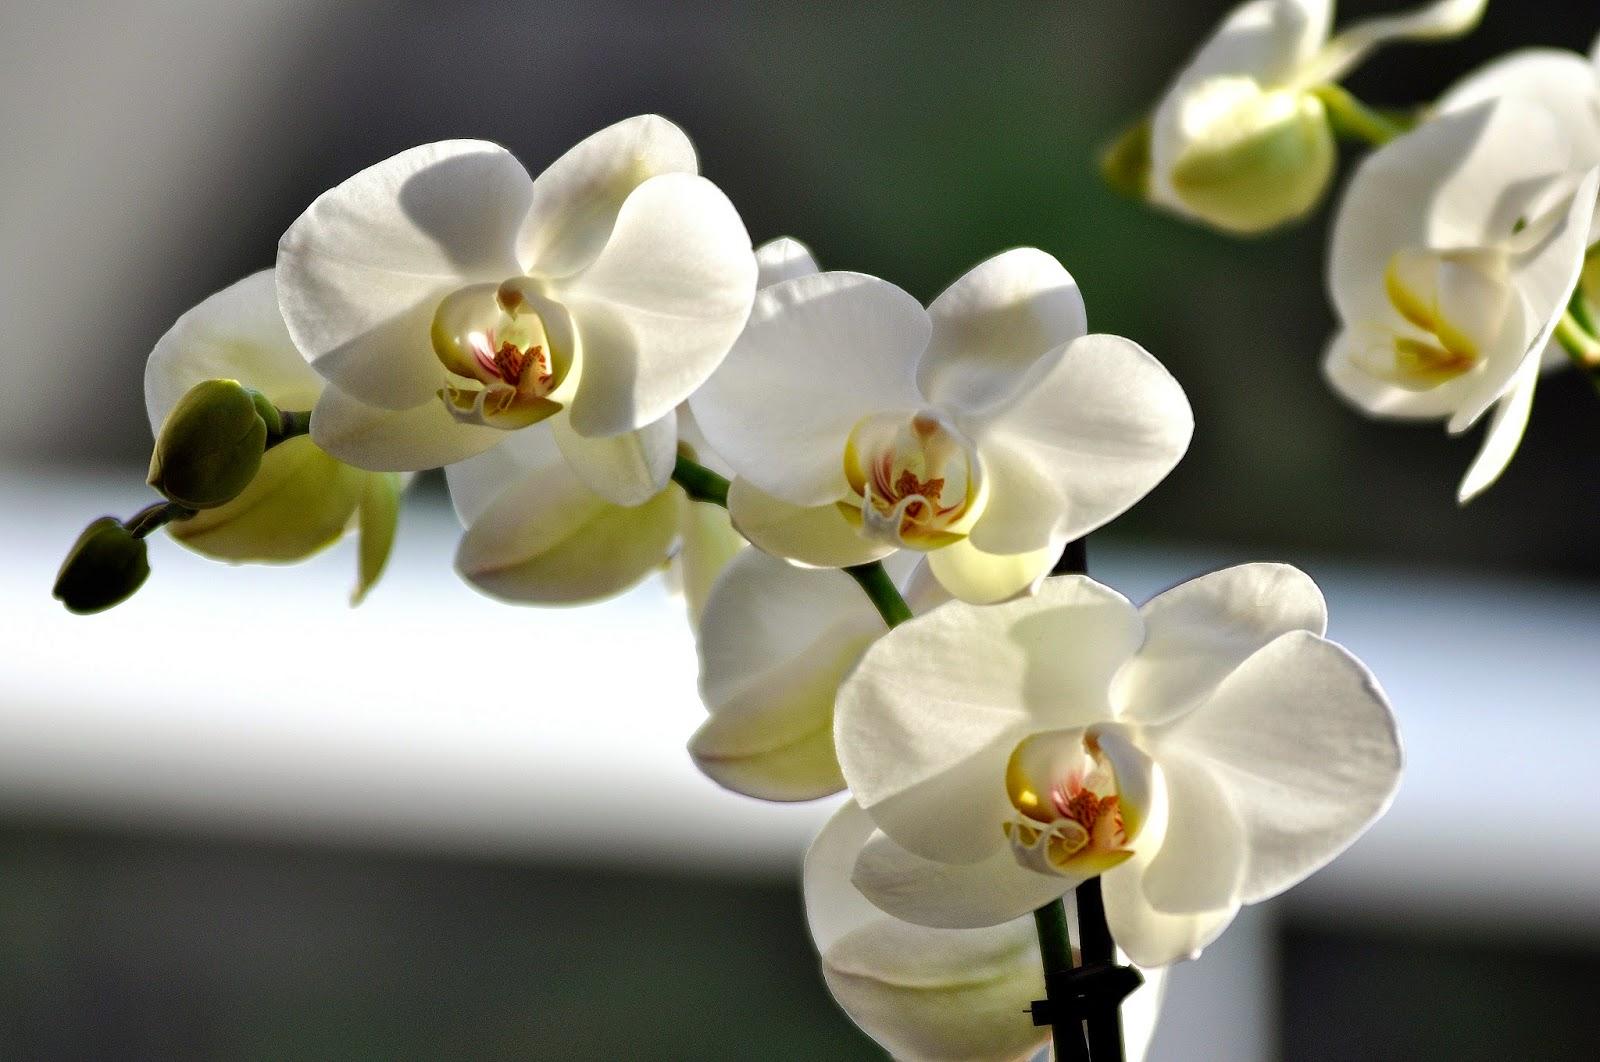 Evde bir orkide nasıl yetiştirilir: koşullar ve üreme yolları